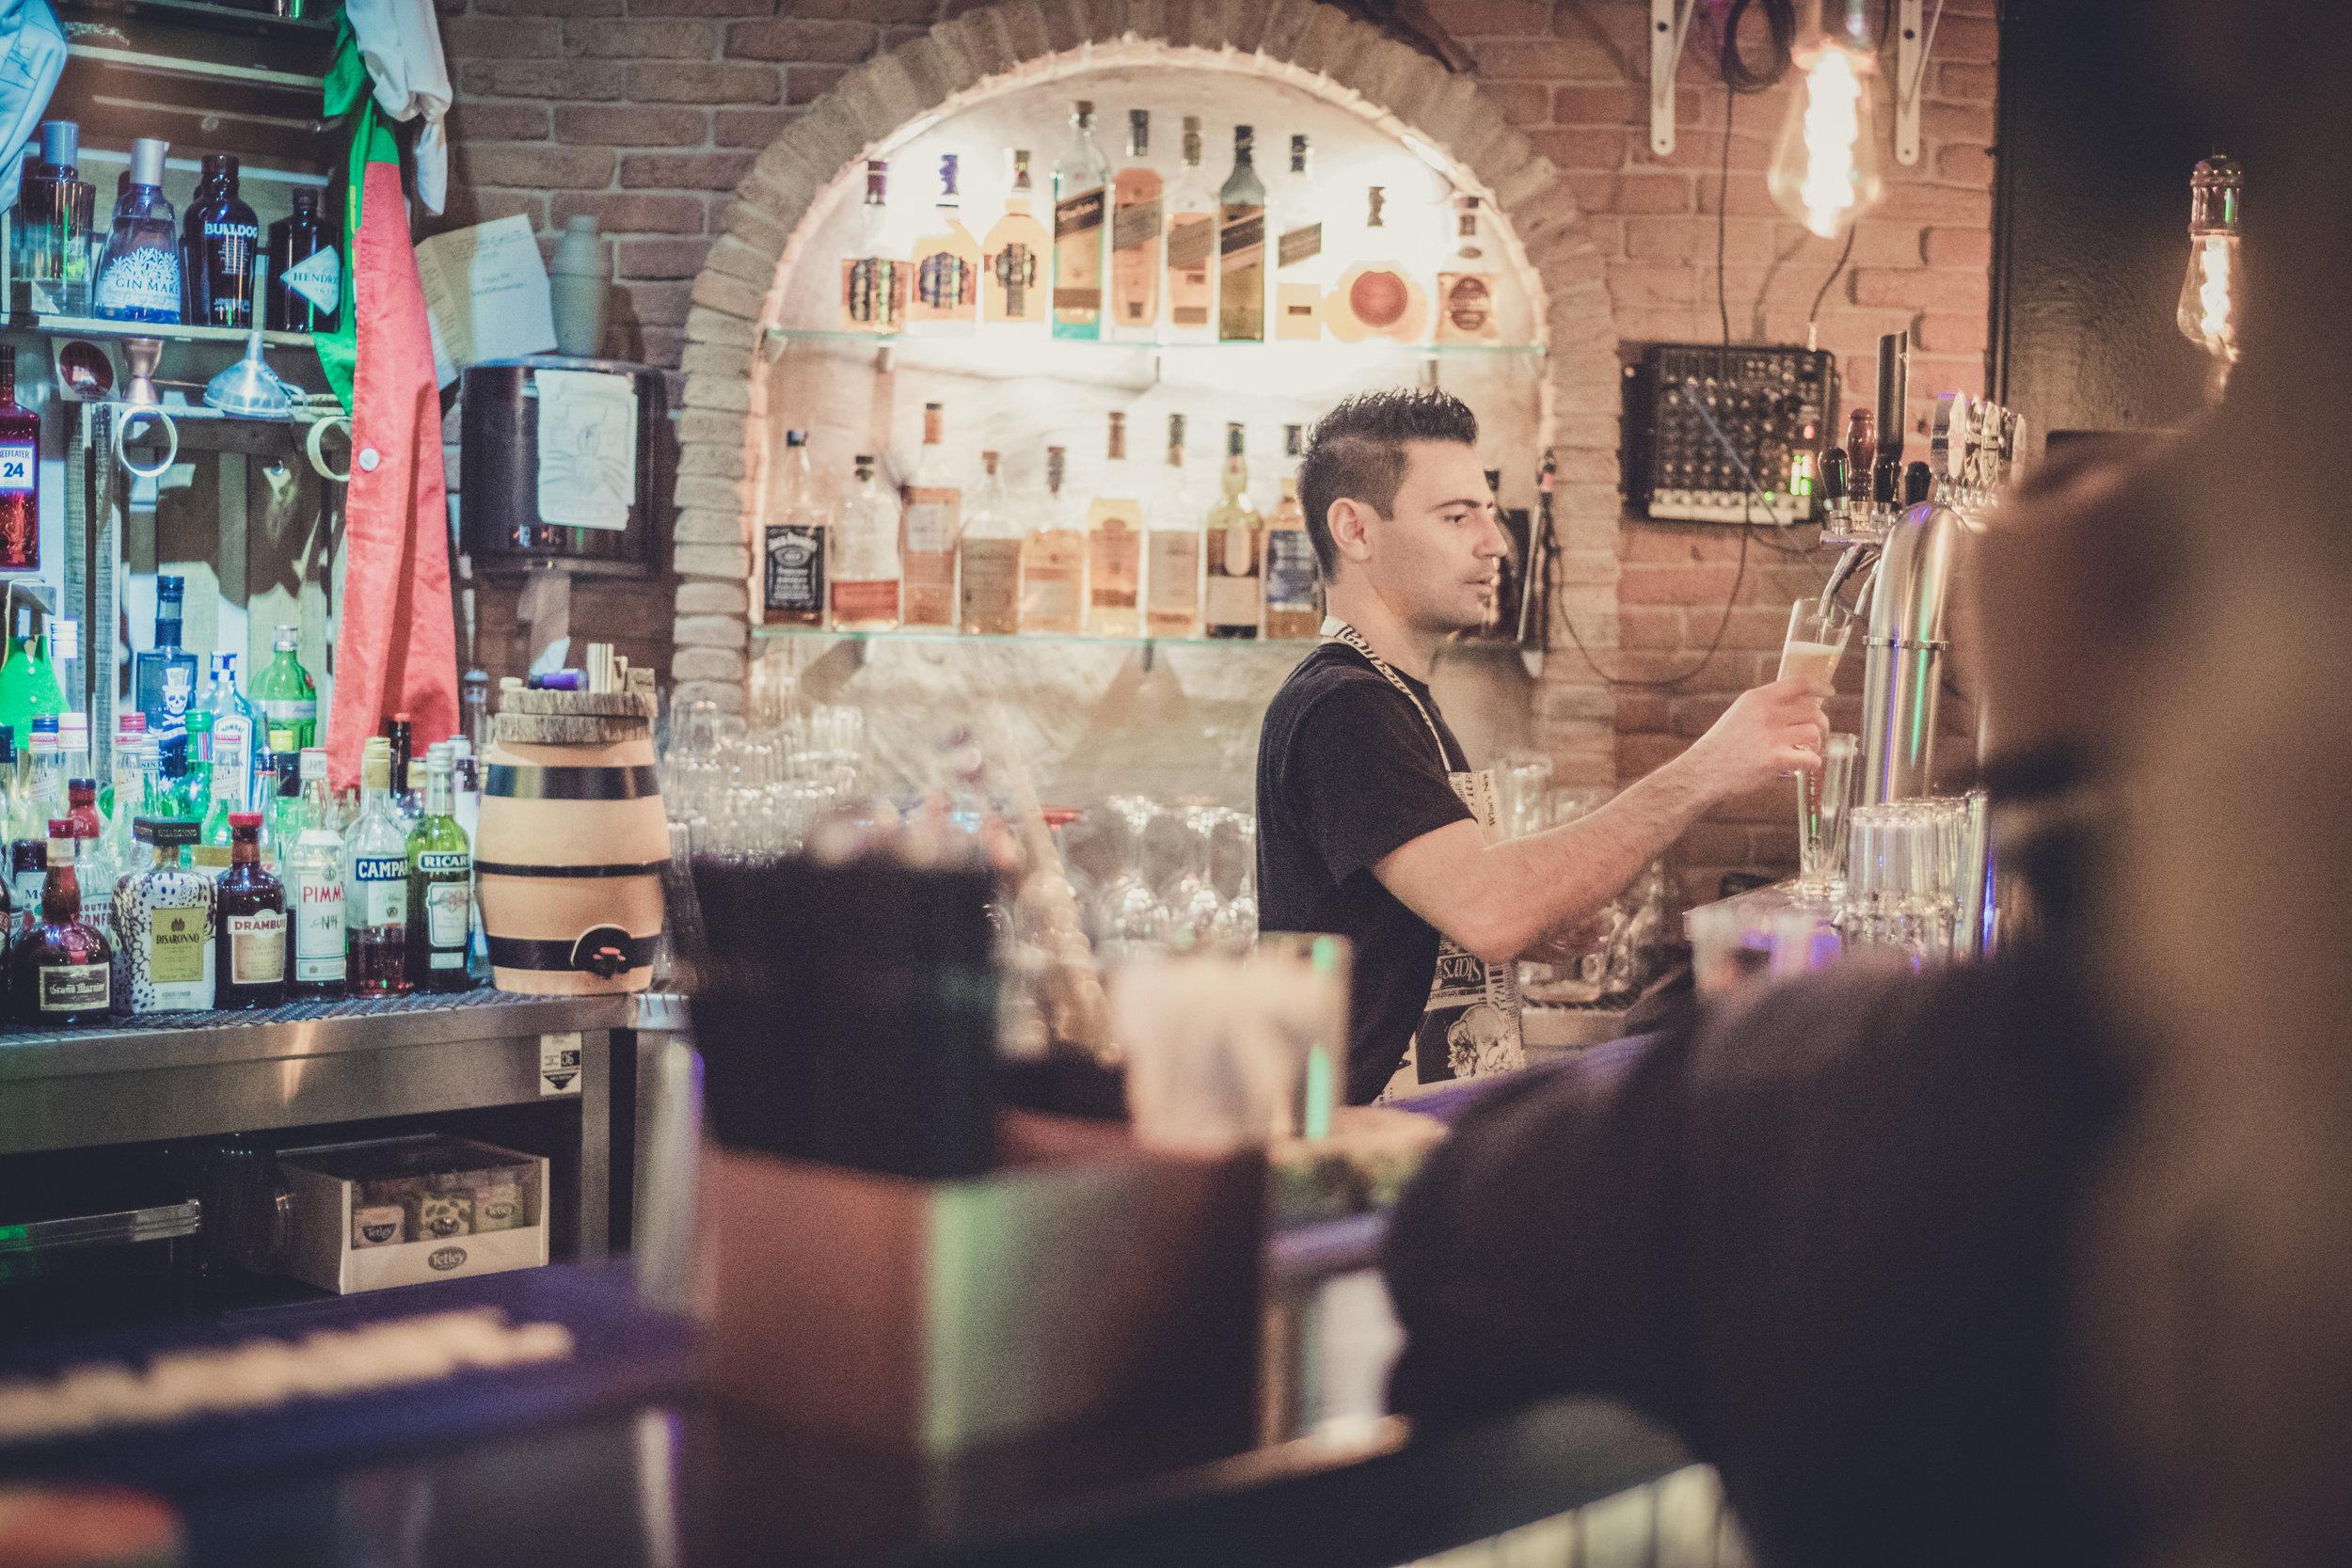 making cocktails.JPG